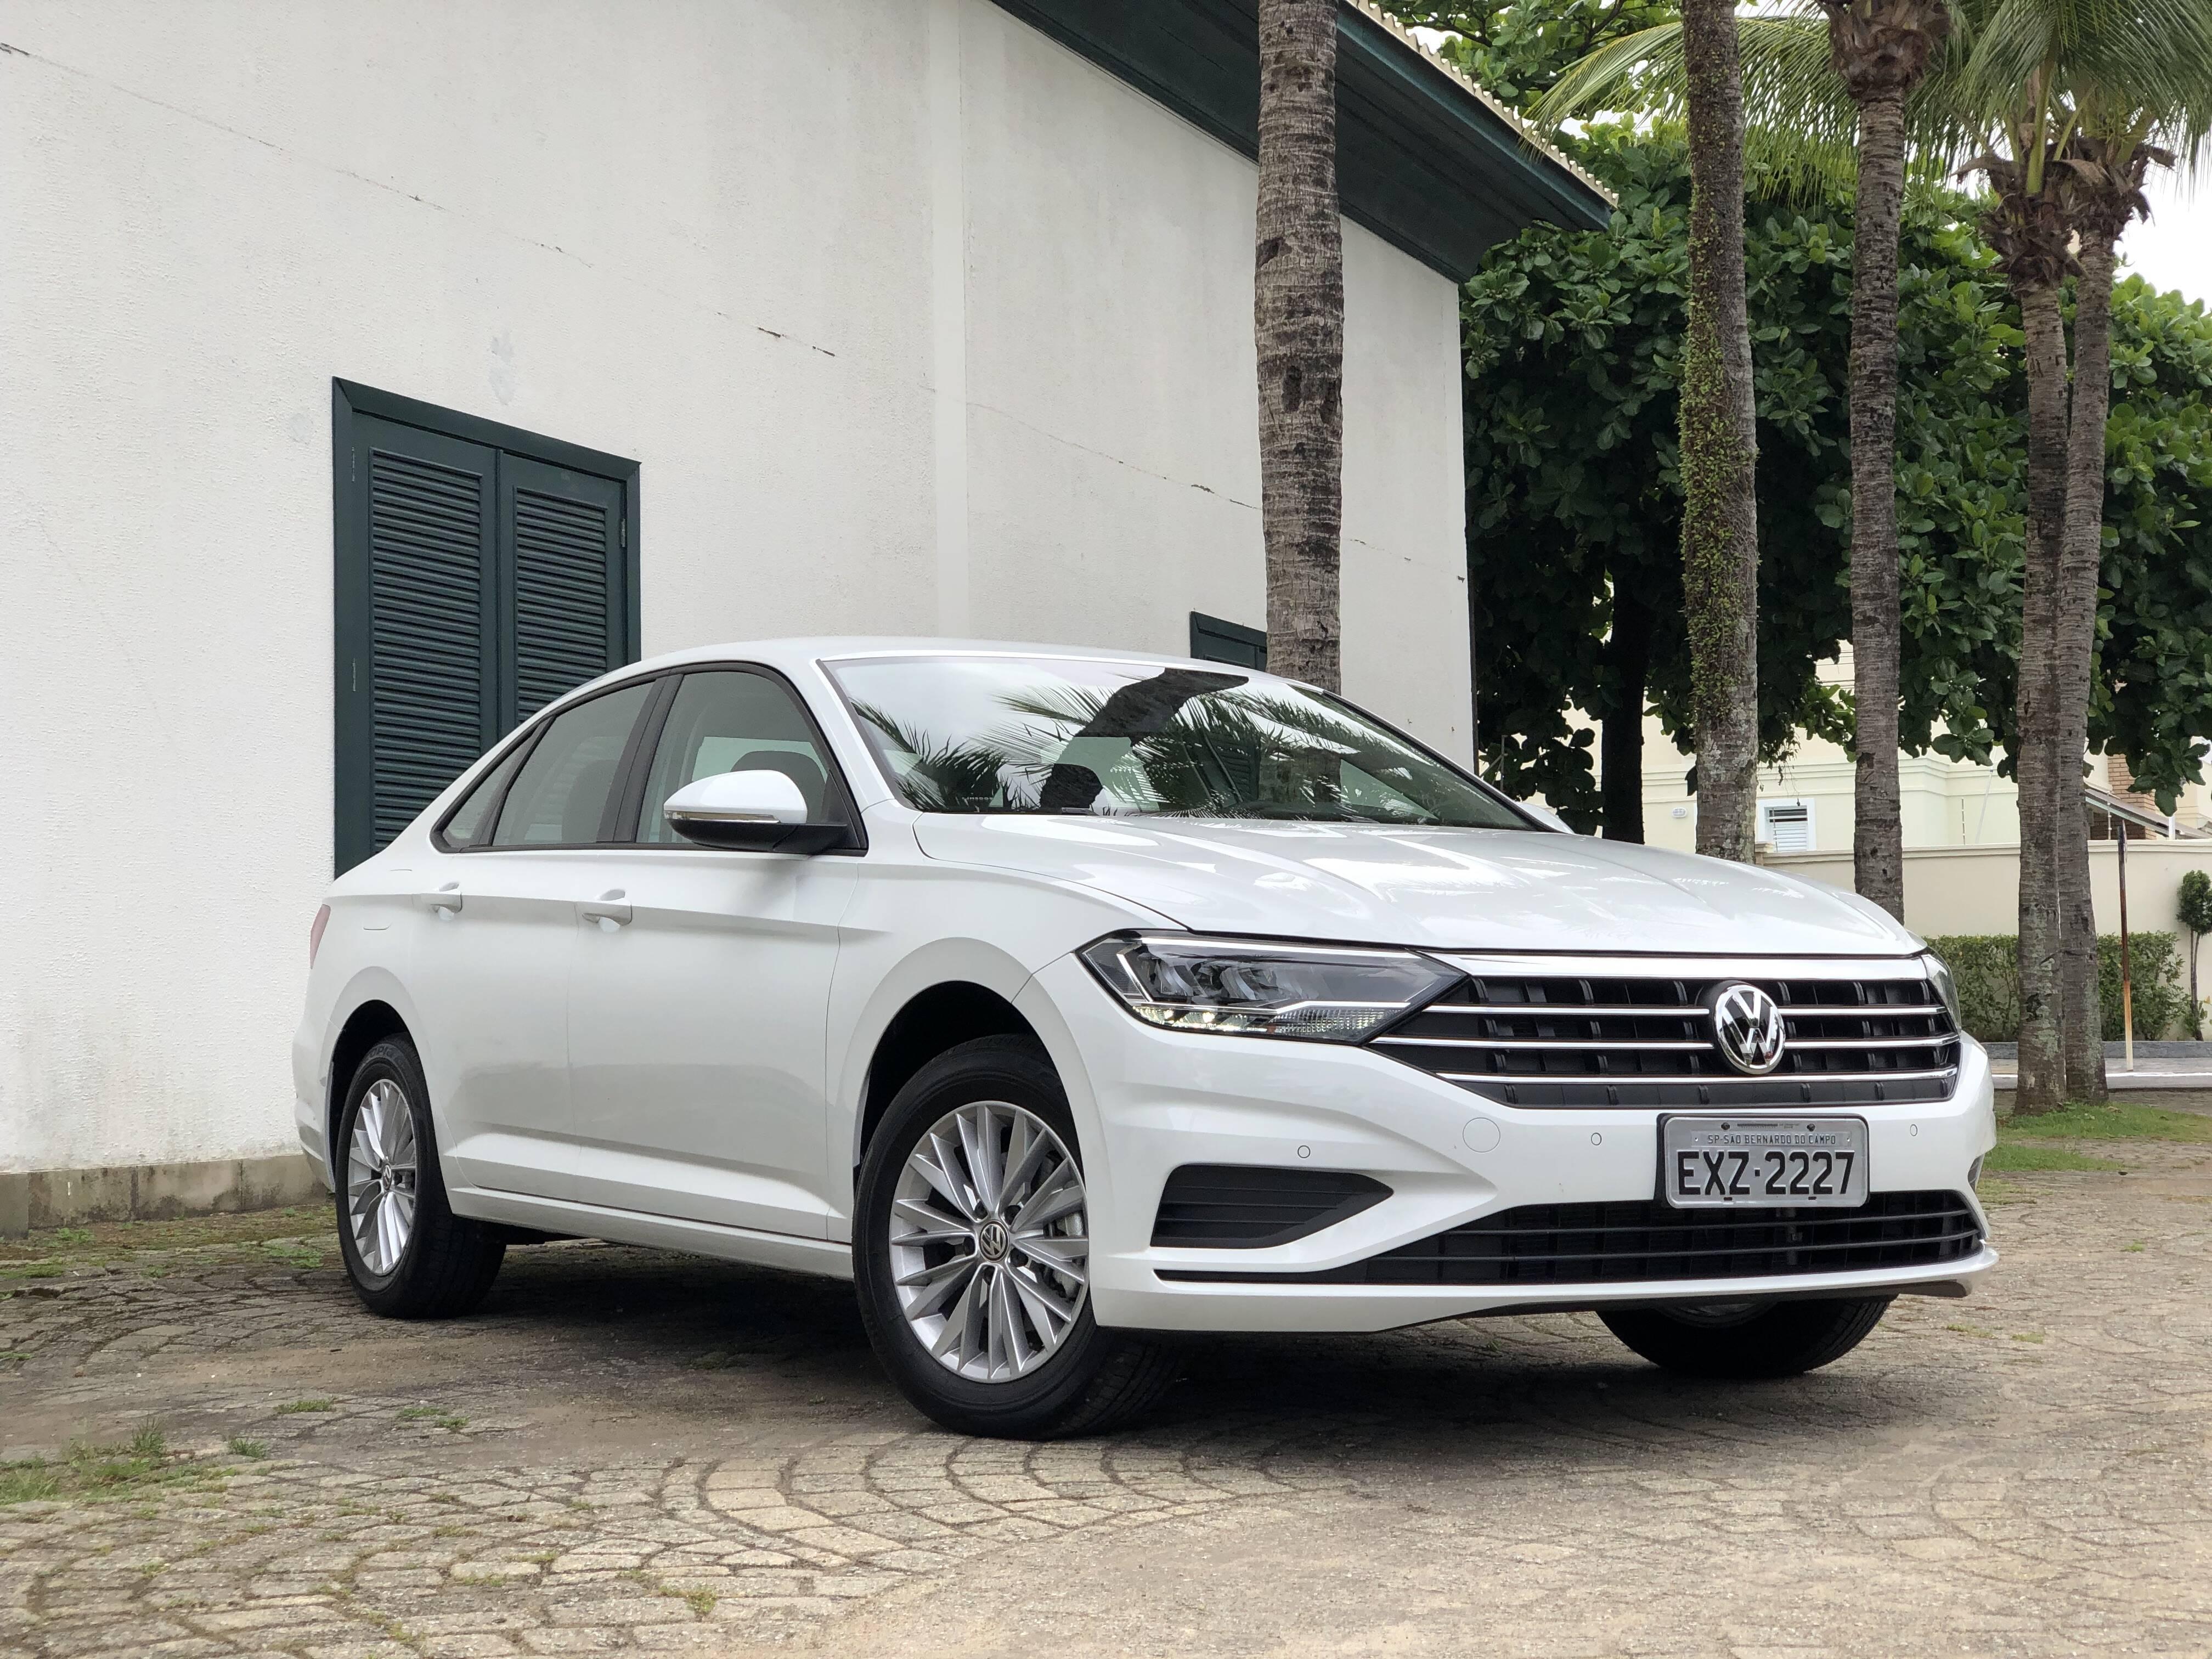 VW Jetta mais em conta não deixa a desejar em visual e equipamentos, e ainda aumenta a acessibilidade. Foto: Renato Maia/Falando de Carro